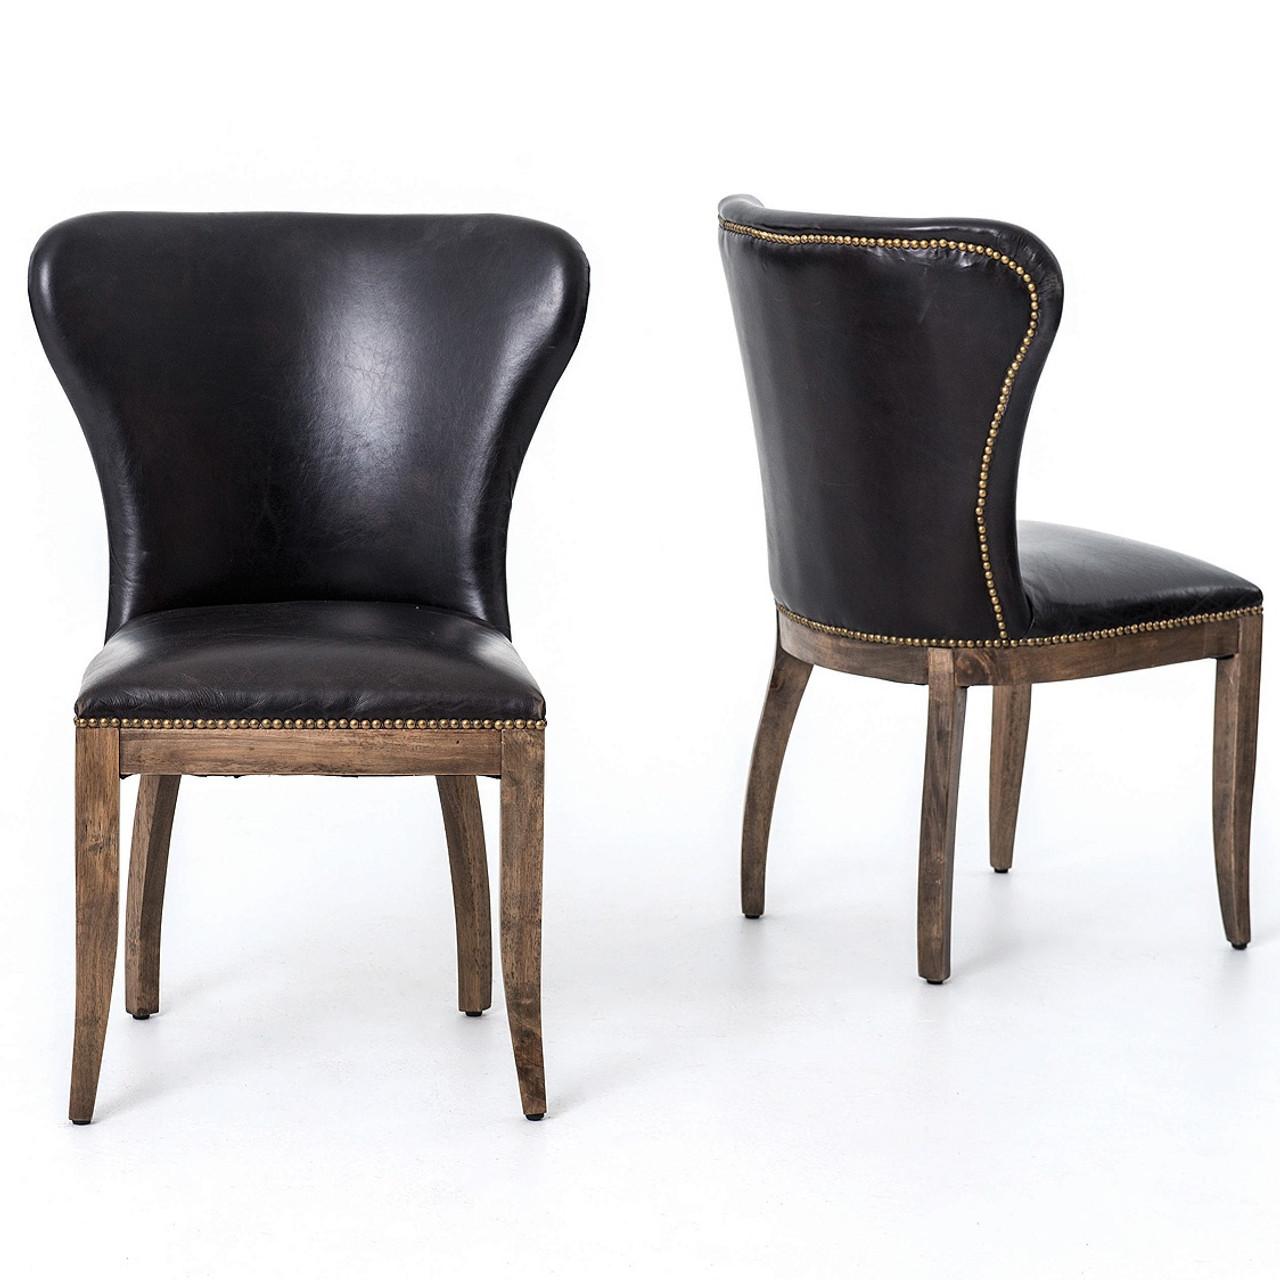 جزر البحر البيع المسبق يصلح Leather Dining Chairs Psidiagnosticins Com